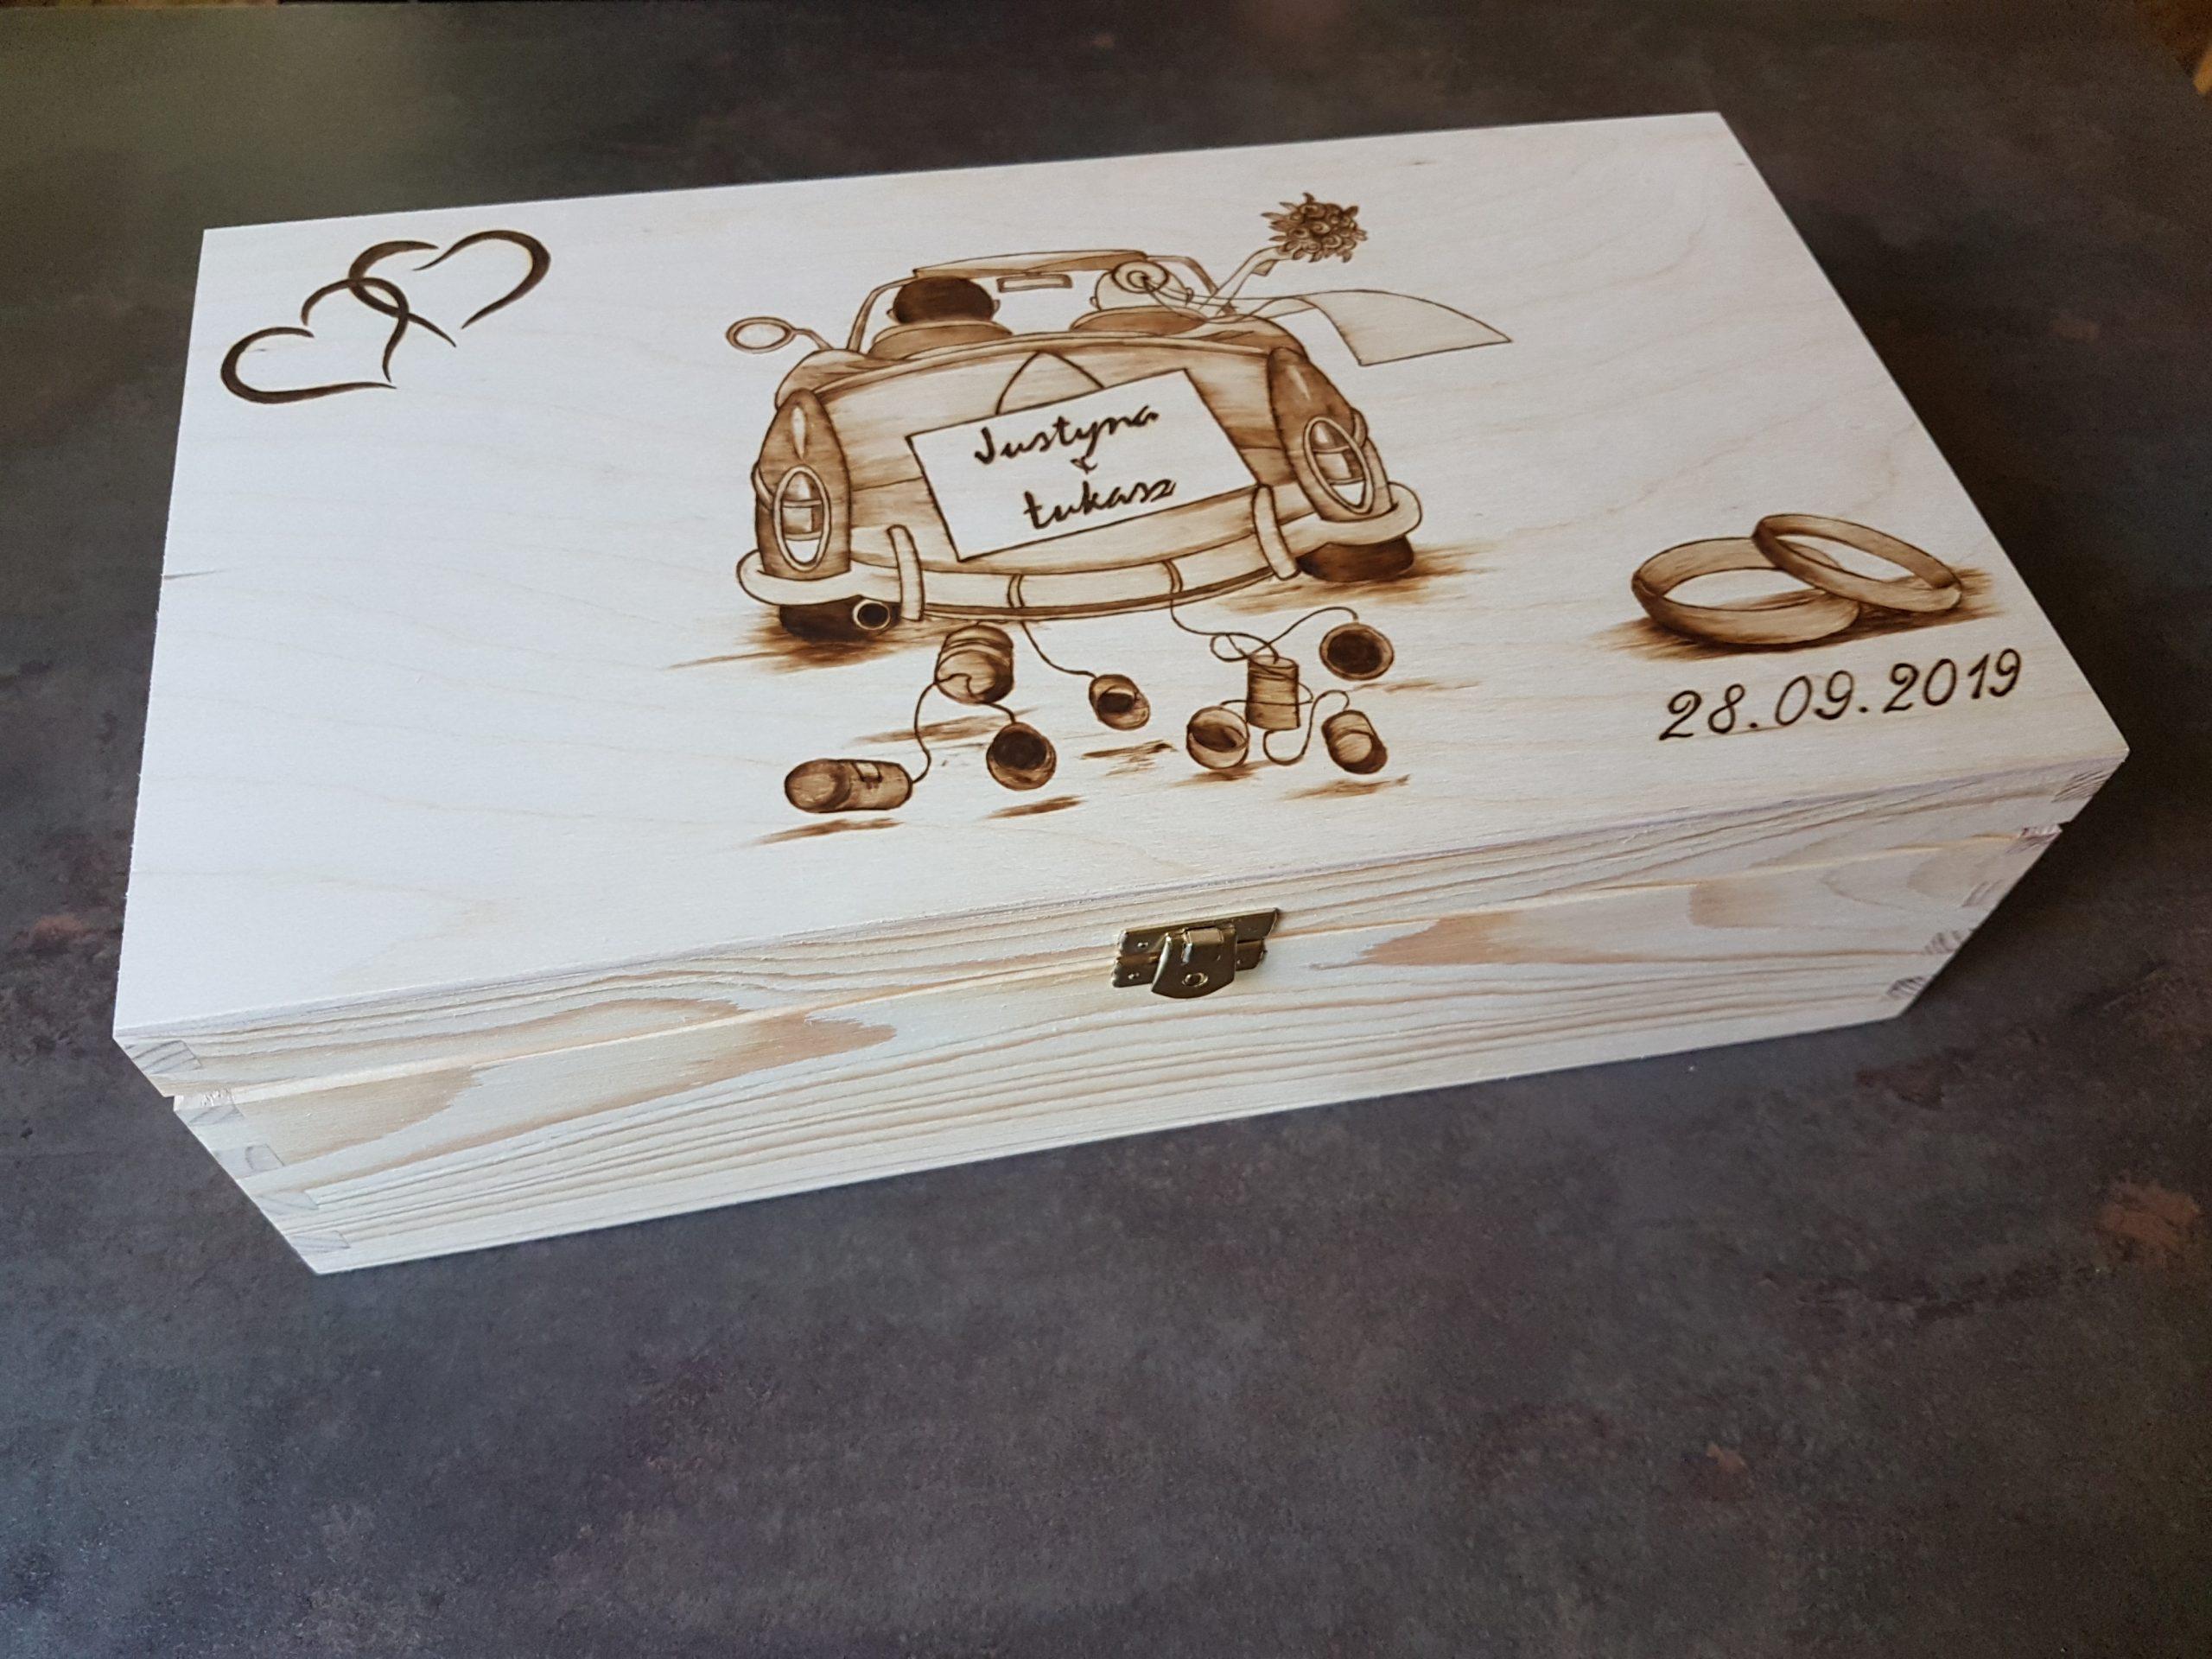 wypalanie w drewnie, sylwia, pirografia, janczyszyn, pyrography, handmade, rękodzieło, pomysł na prezent, pudełko na wino, prezent ślubny